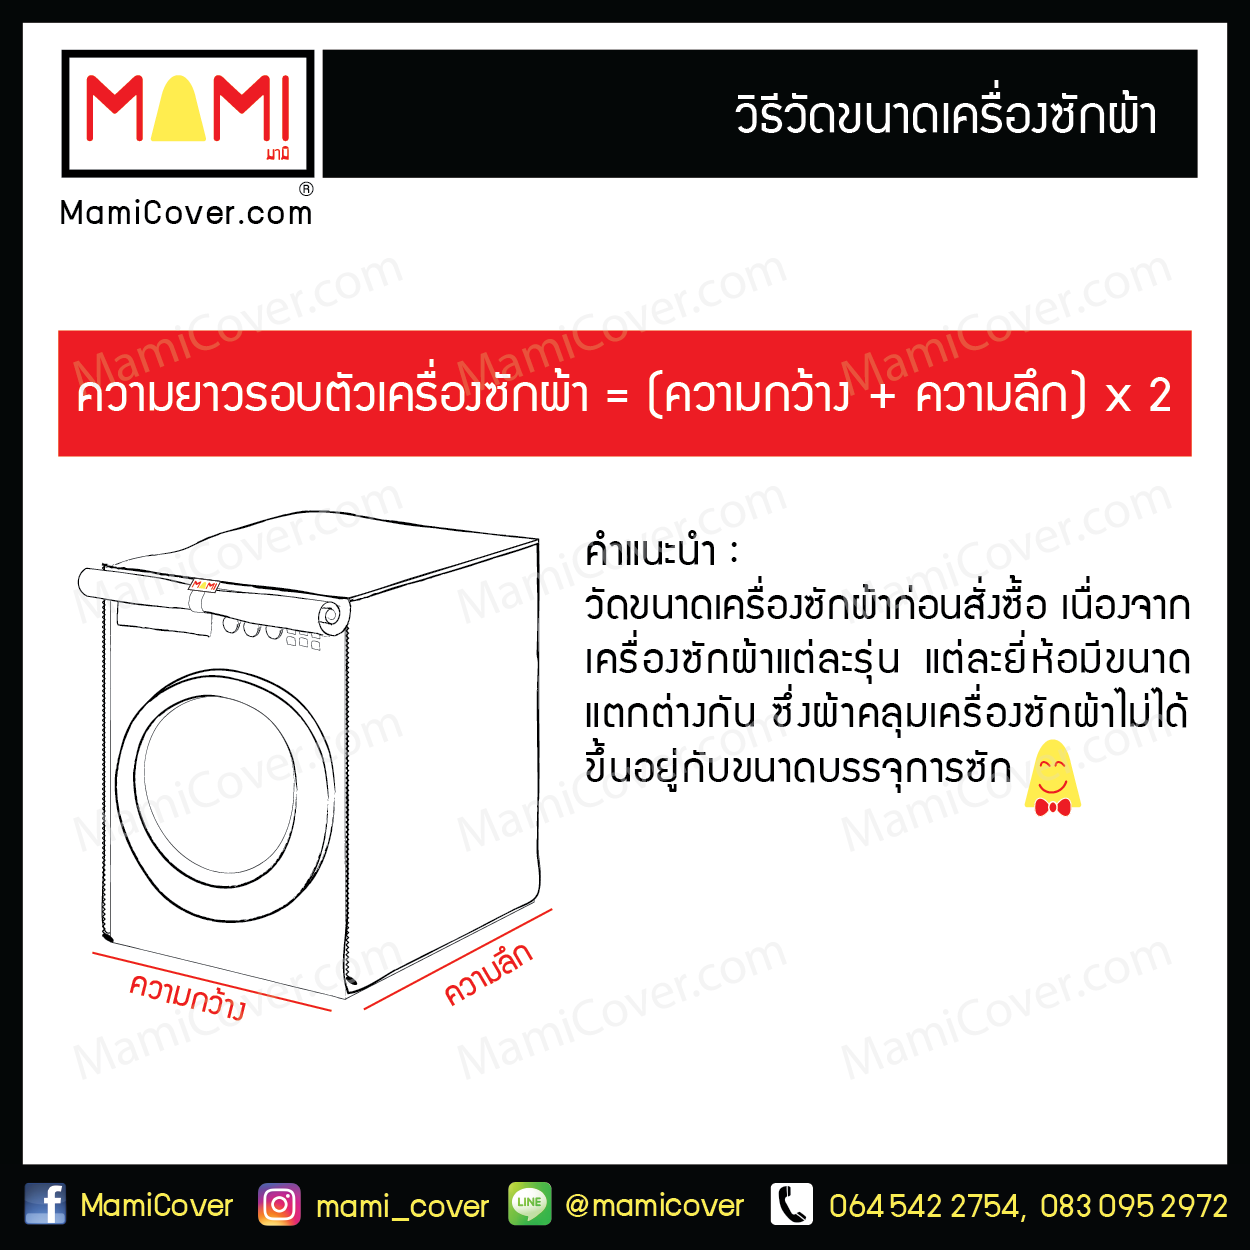 ผ้าคลุมเครื่องซักผ้าฝาบน กันฝุ่น กันแดด กันฝนสาด มีช่องร้อยท่อน้ำ+สายไฟ Mami รุ่น Standard  สีน้ำตาล